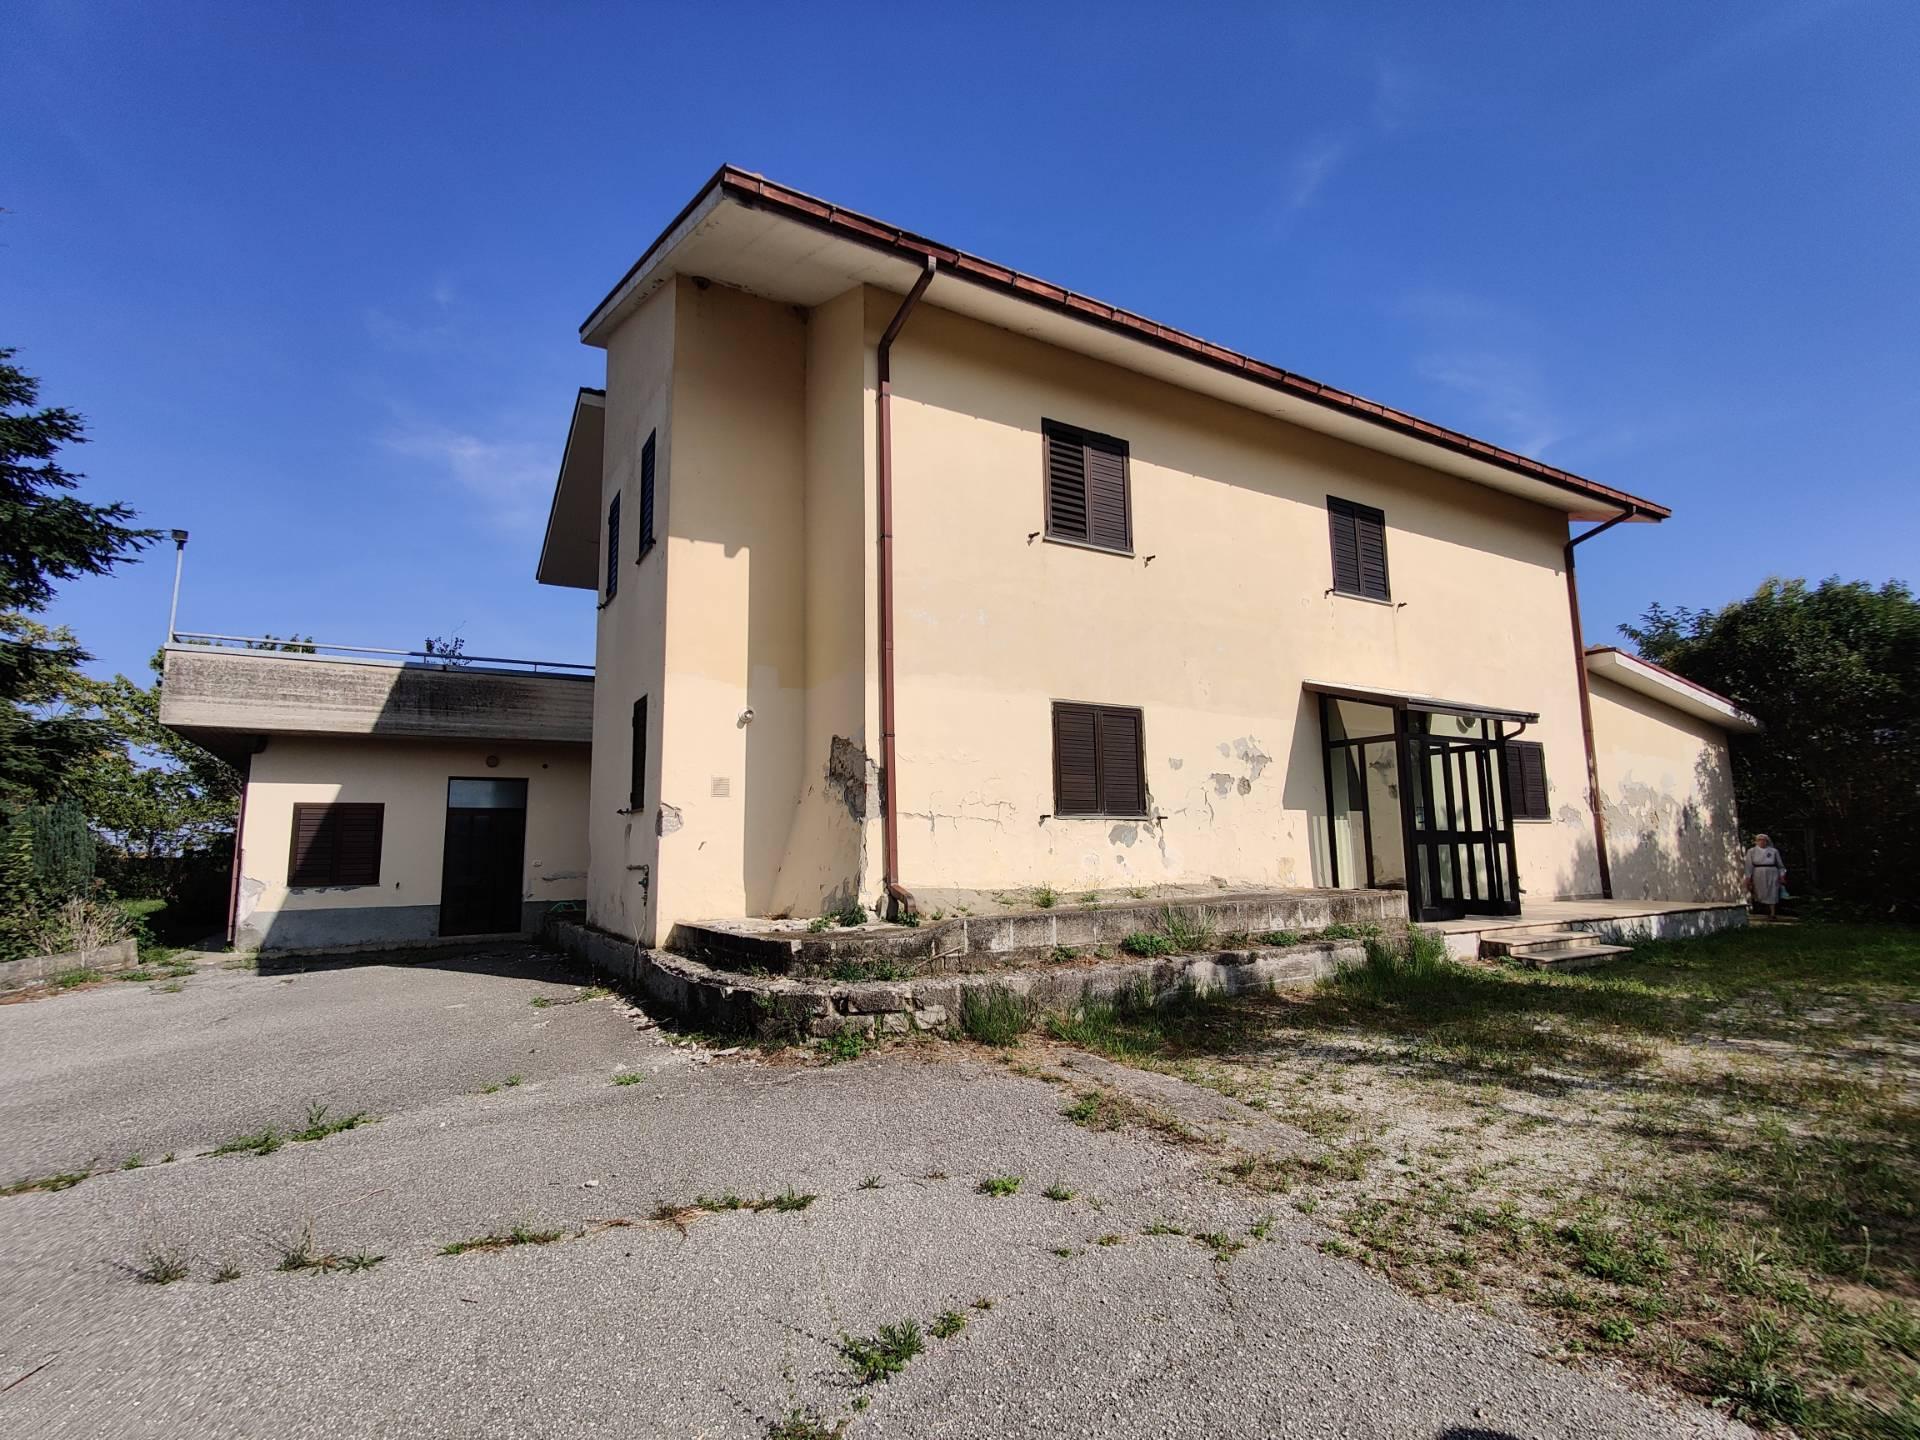 Soluzione Indipendente in vendita a Montorio al Vomano, 11 locali, zona Zona: Collevecchio, prezzo € 180.000 | CambioCasa.it